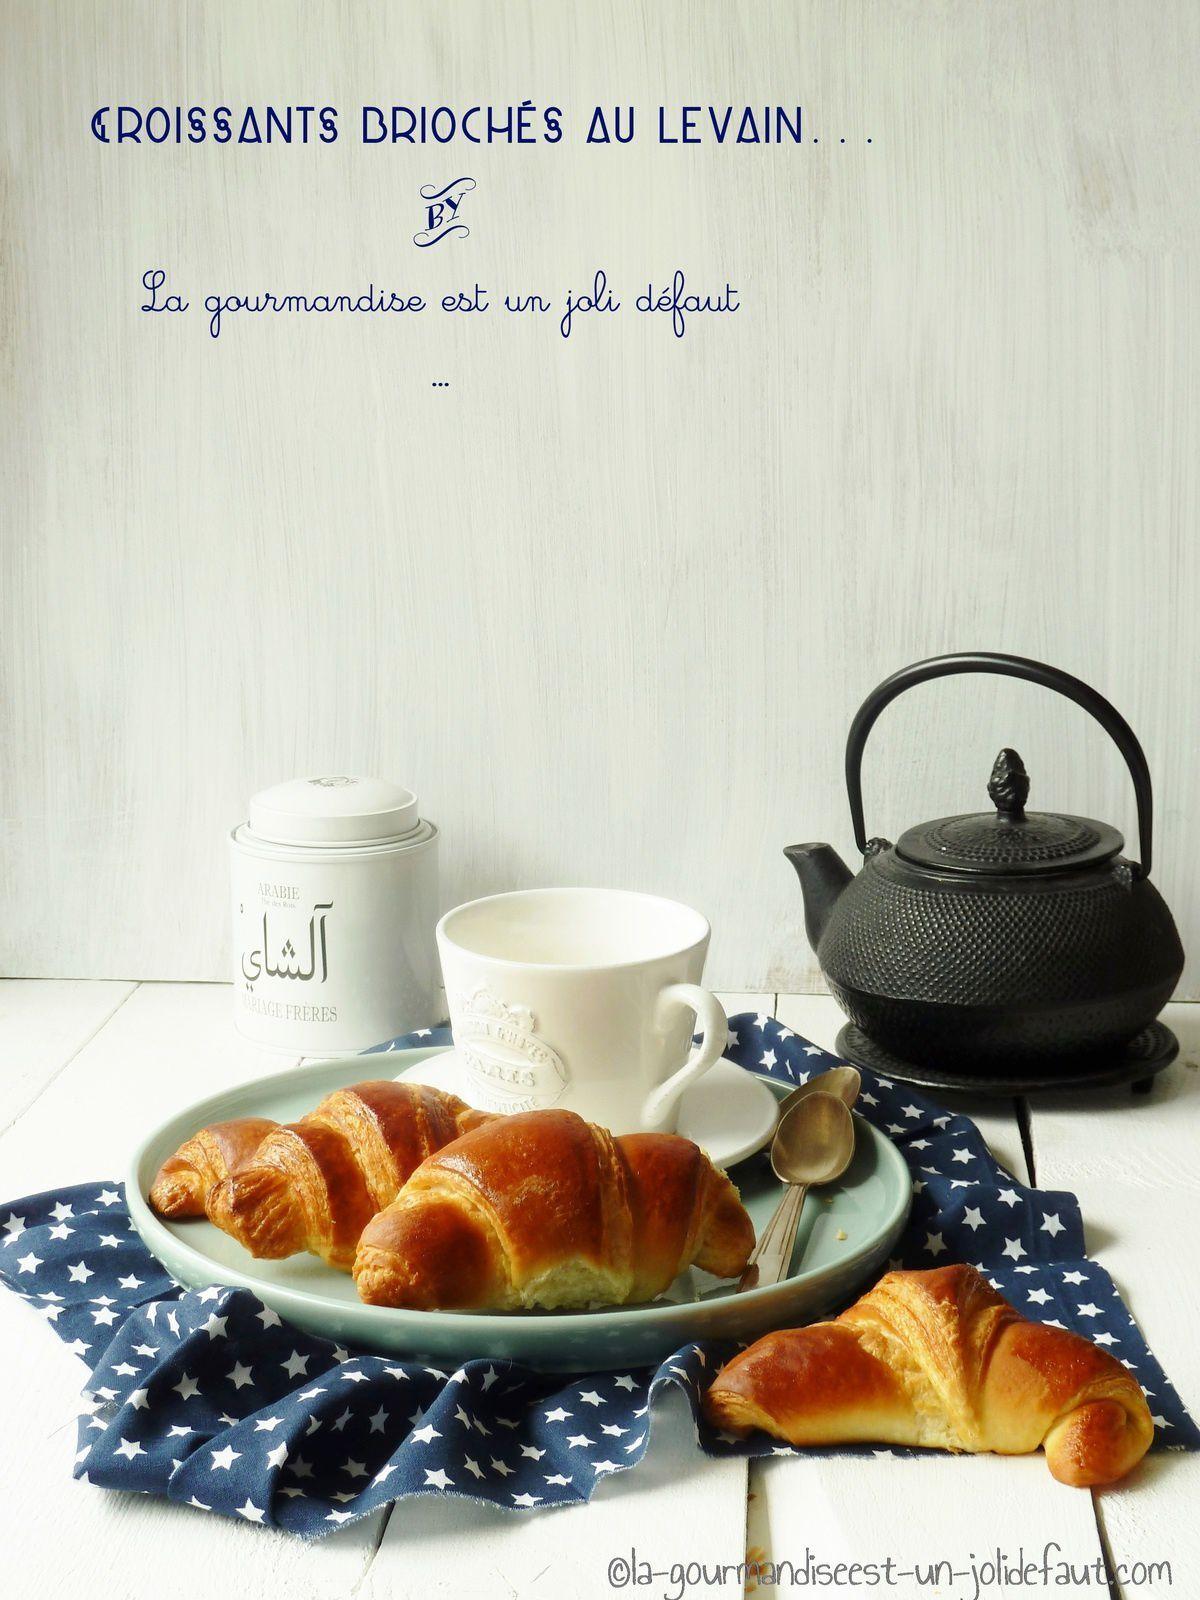 Croissants briochés au levain